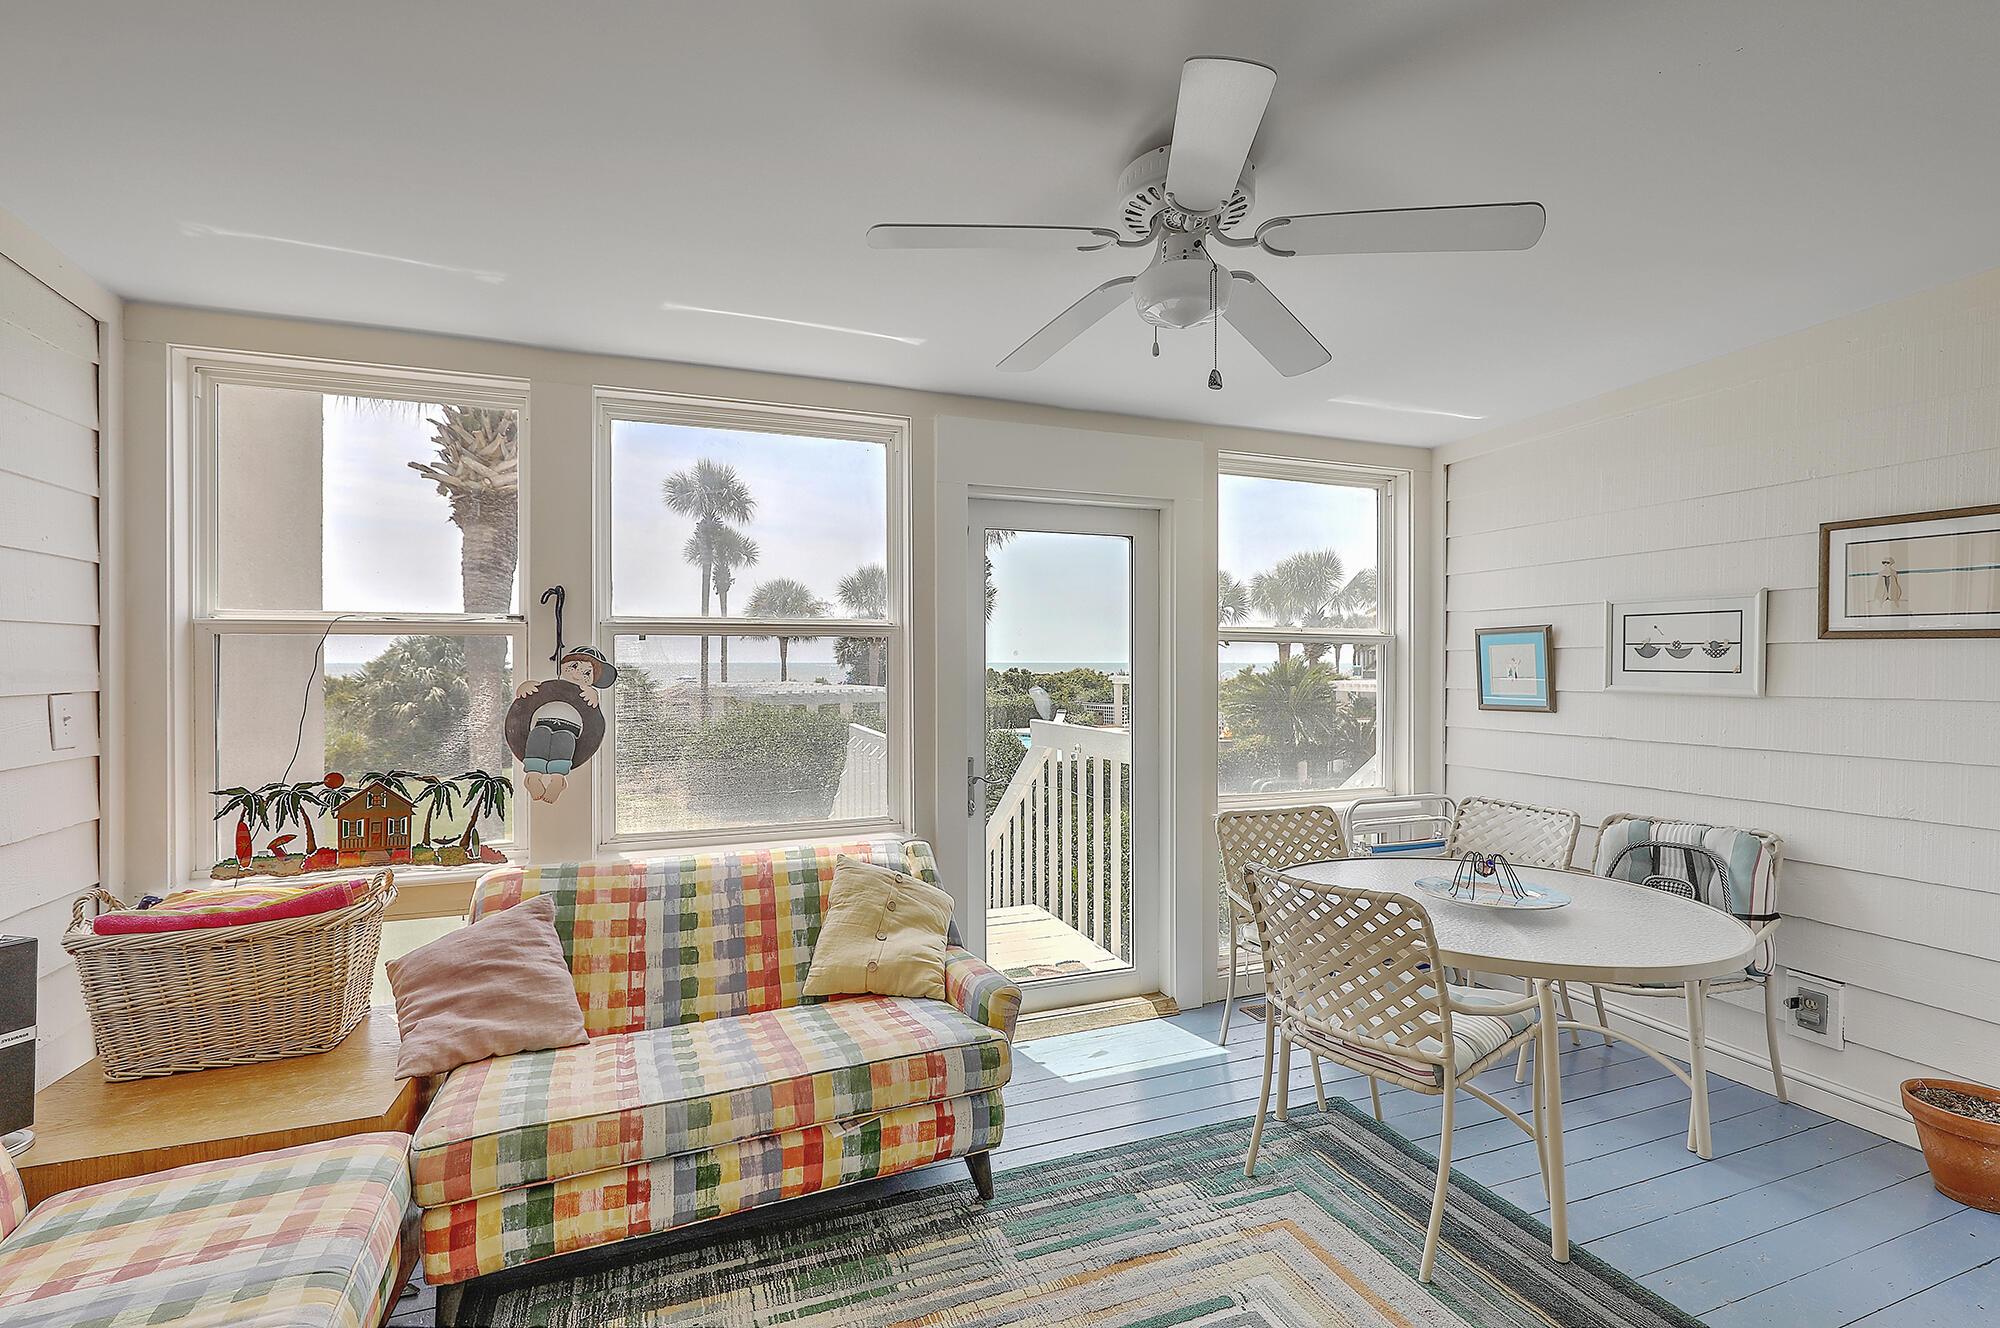 Beach Club Villas Homes For Sale - 15 Beach Club Villas, Isle of Palms, SC - 18